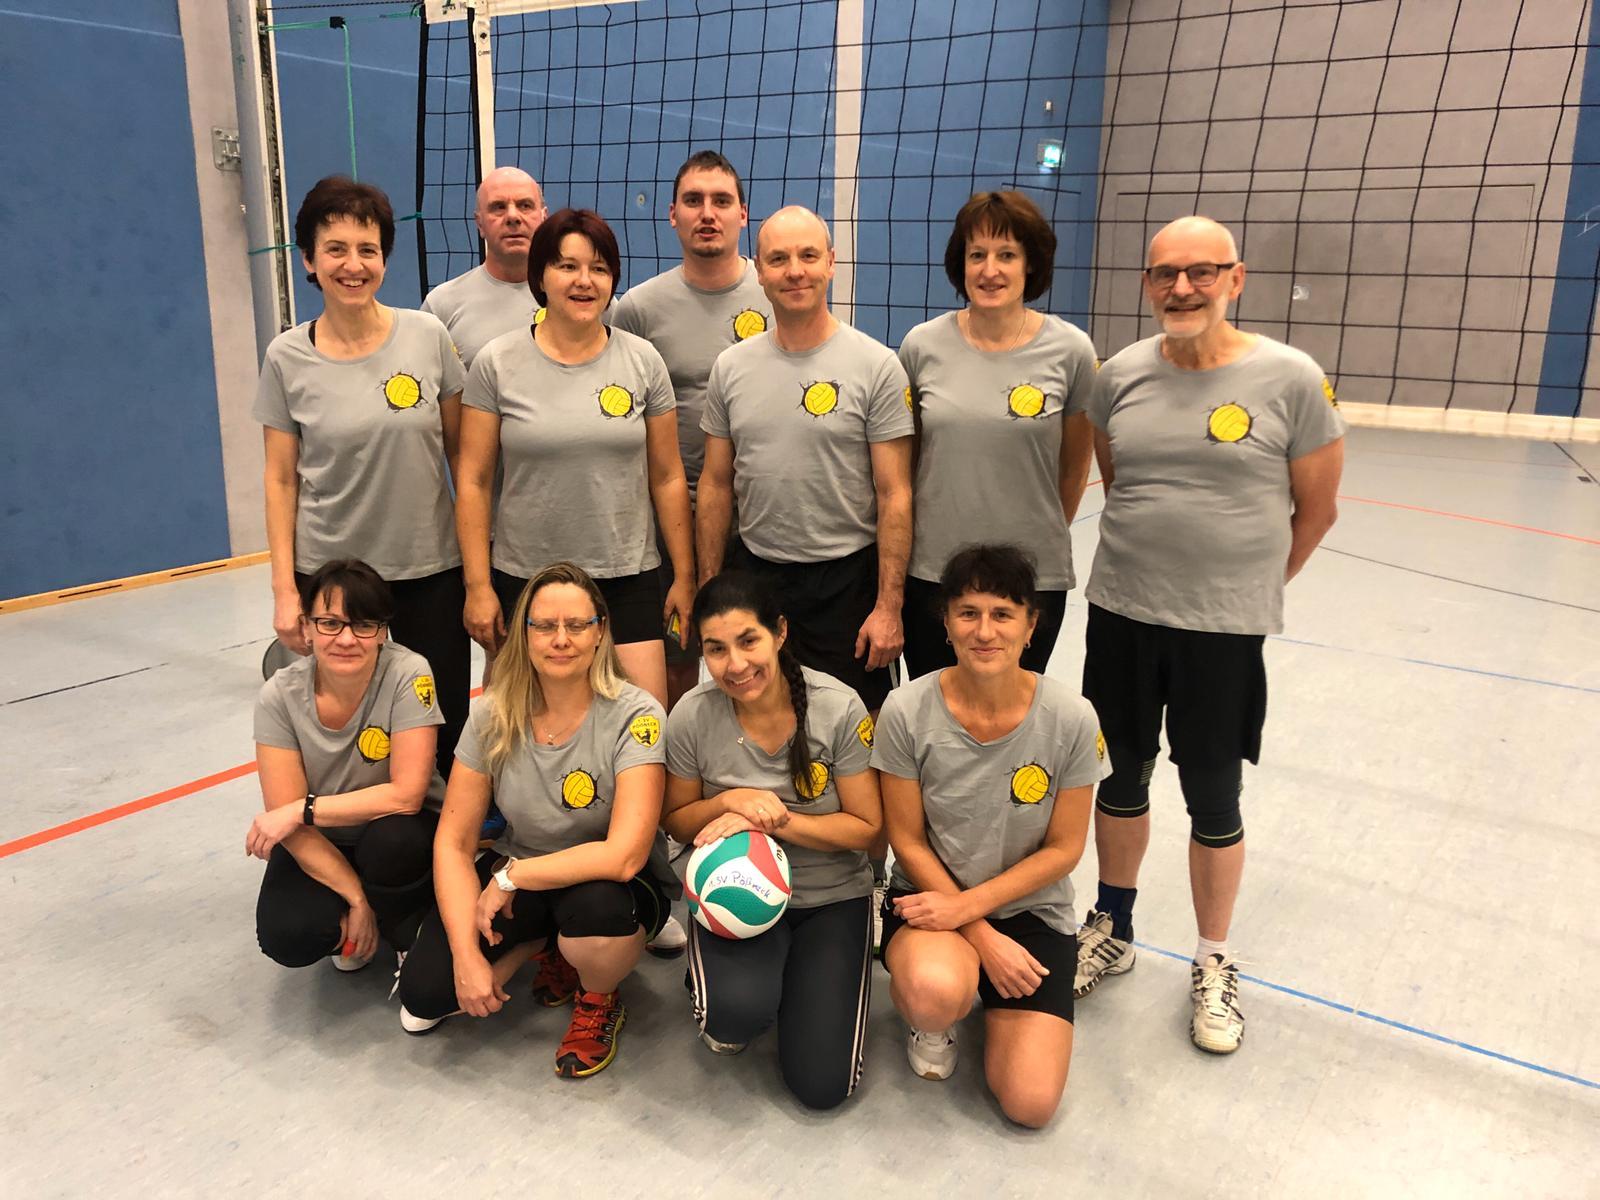 Freizeit Mixed Mannschaft mit neuen Trikots ausgestattet